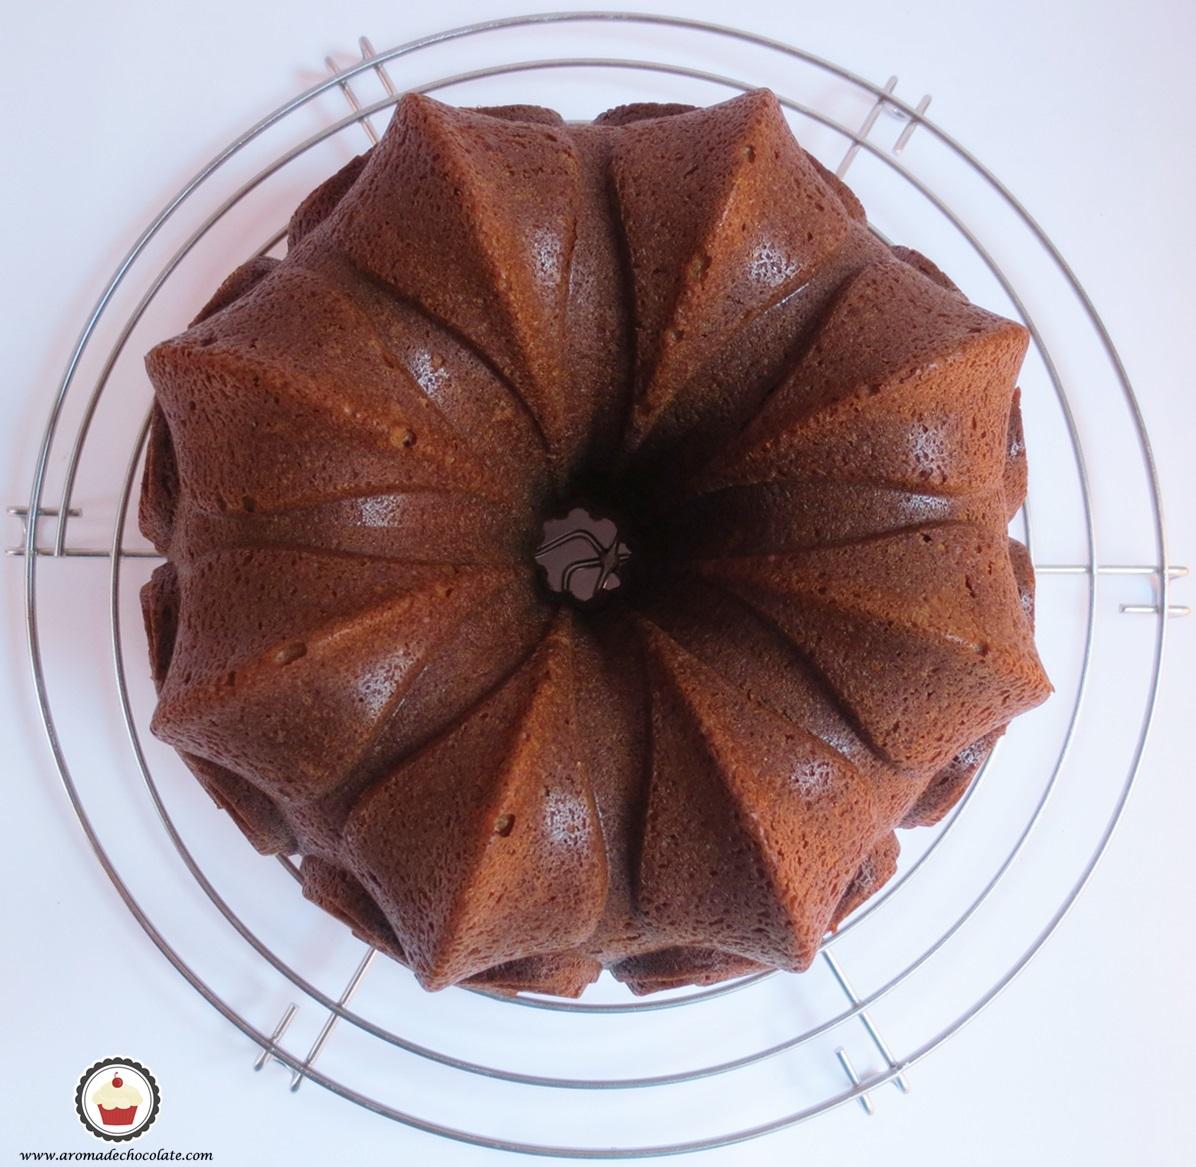 Enfriando el bundt cake de plátano y chocolate. Aroma de chocolate.